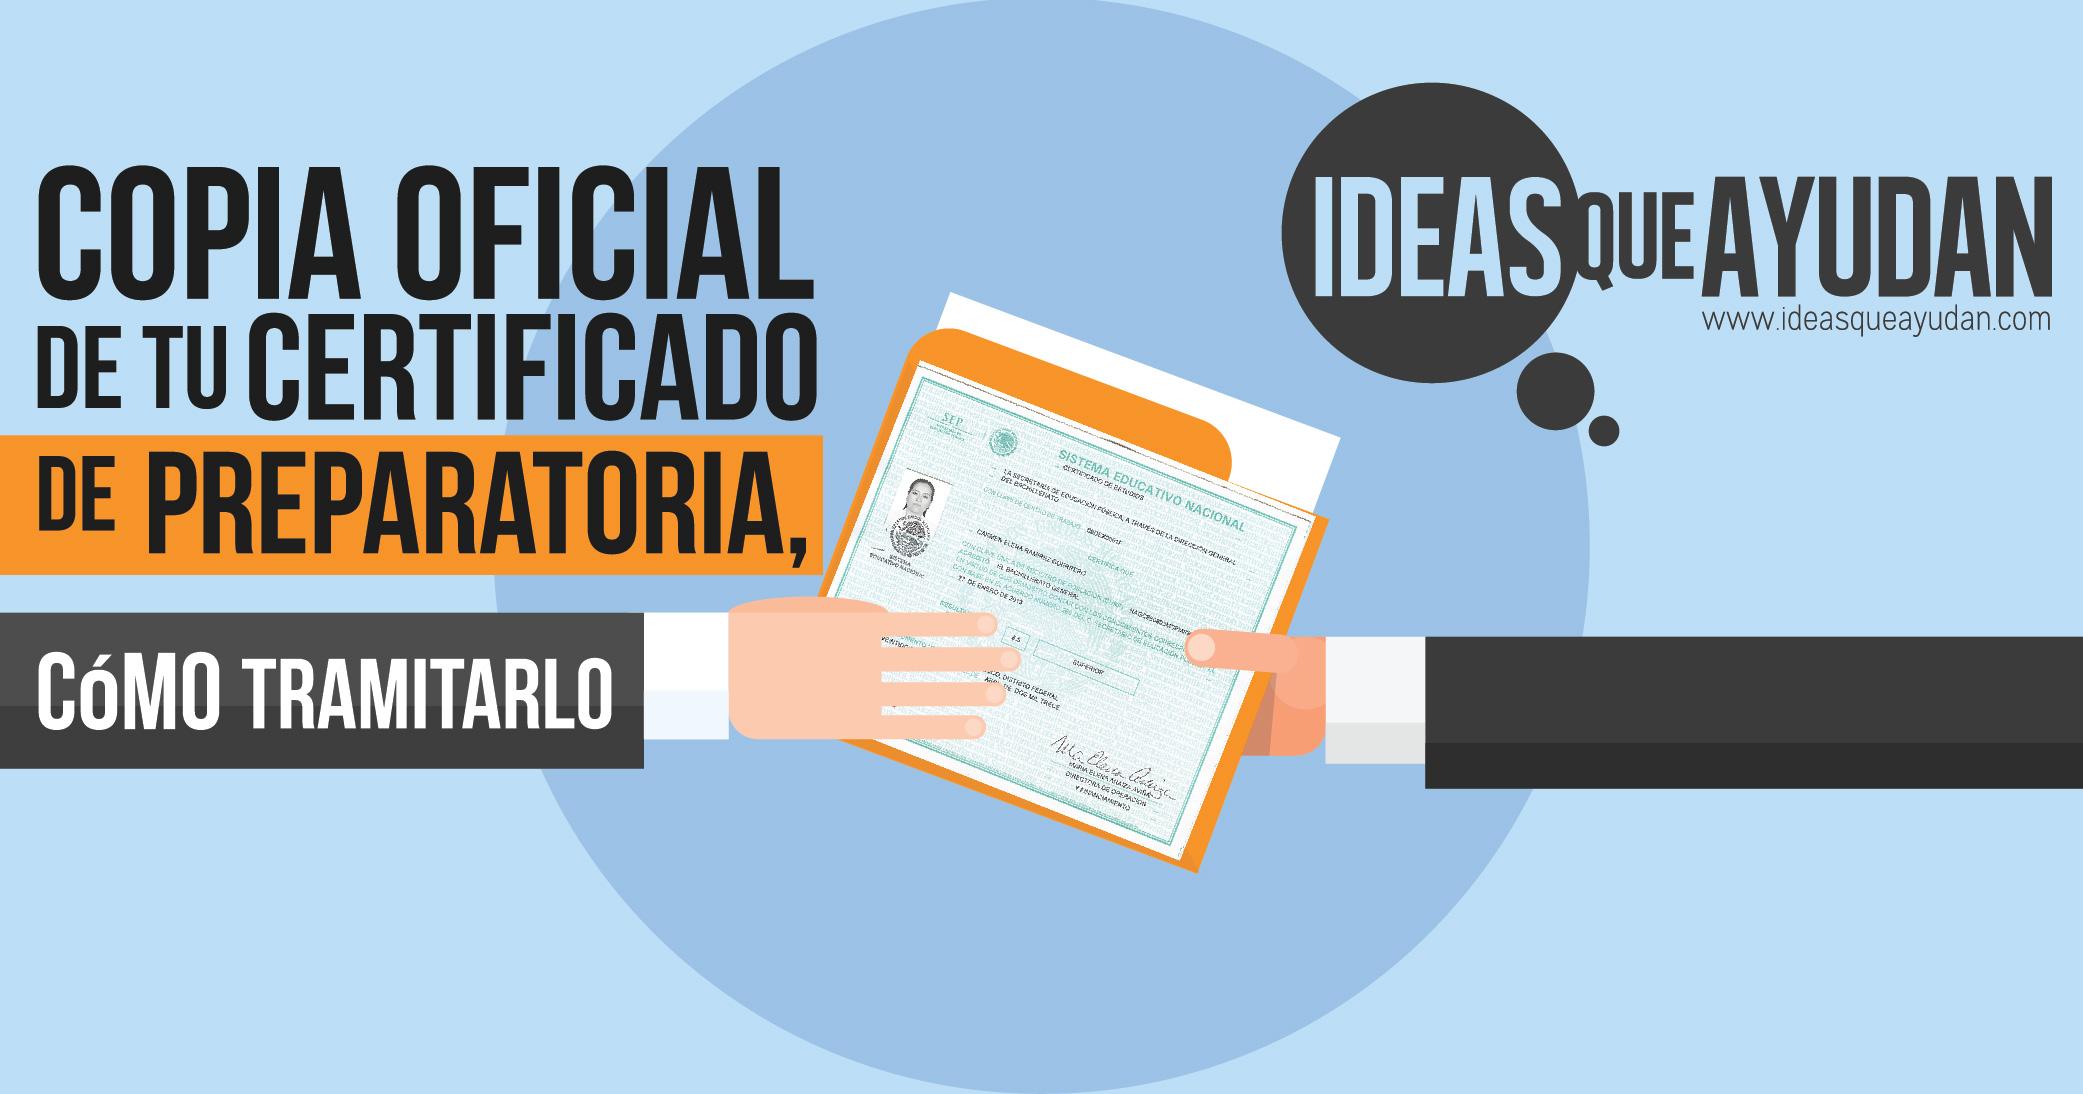 Copia oficial de certificado de preparatoria